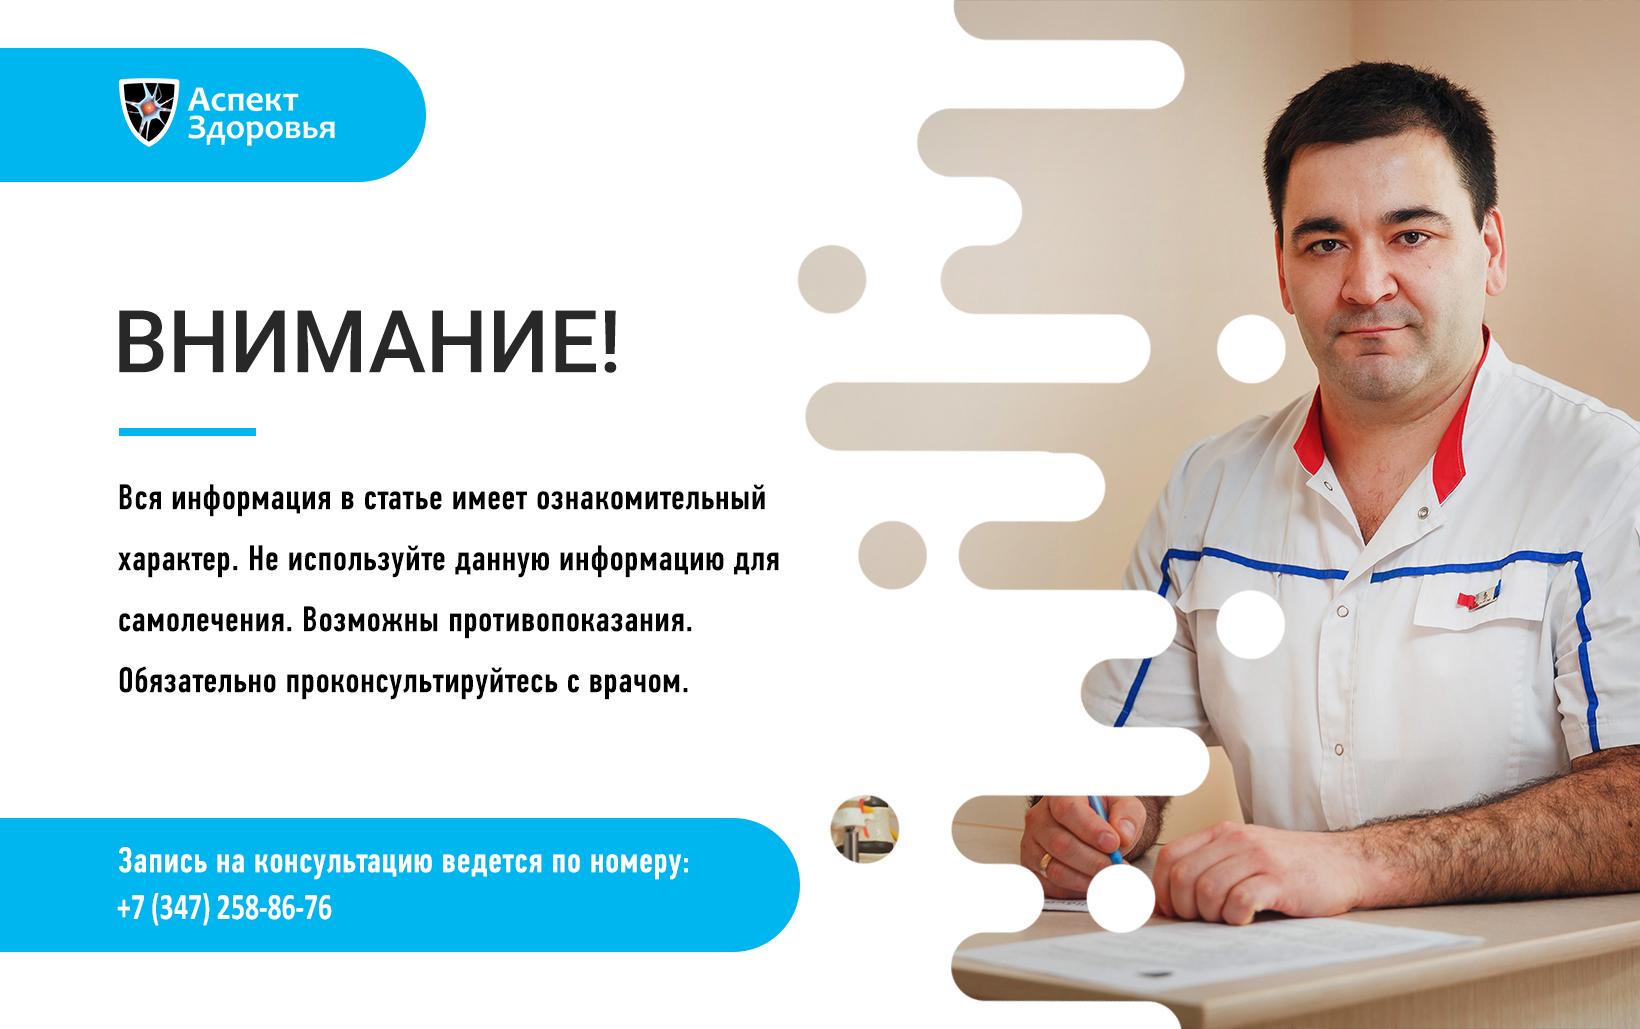 """Клиника """"Аспект Здоровья"""" в Уфе фото"""